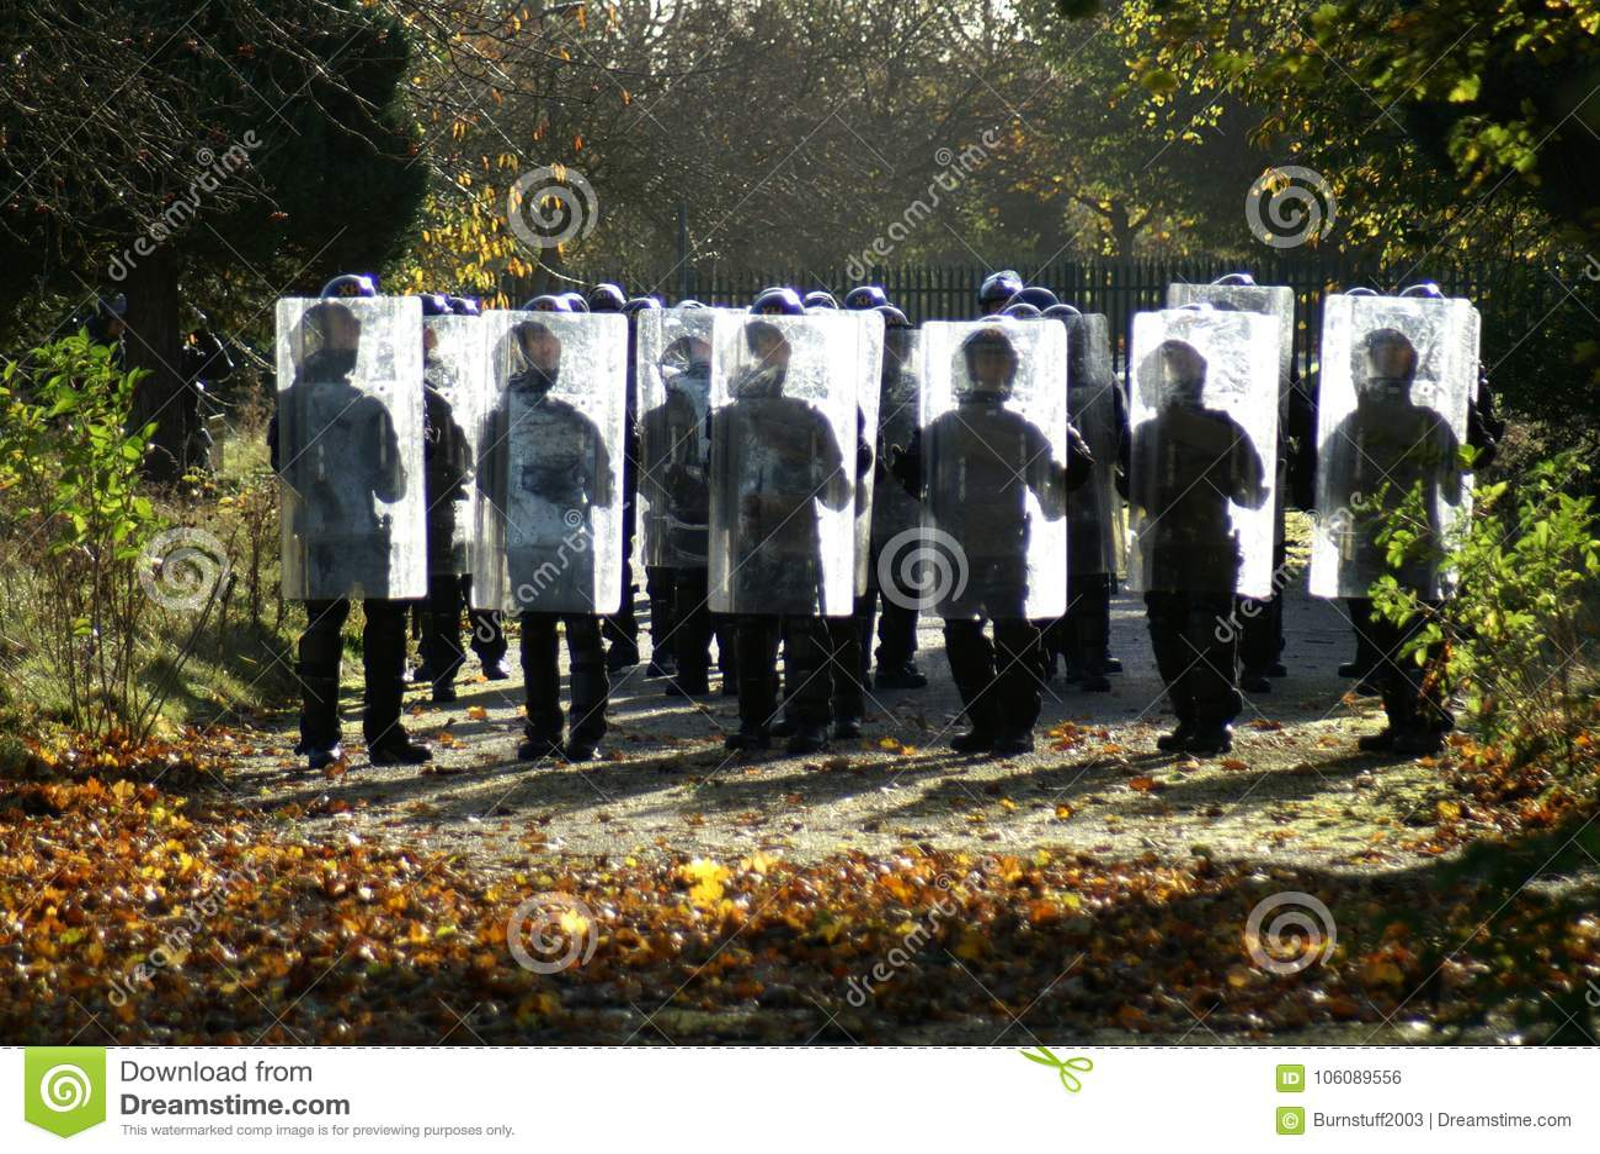 Relpolitie-eenheid, stad het controleren misdaad en asociaal gedrag